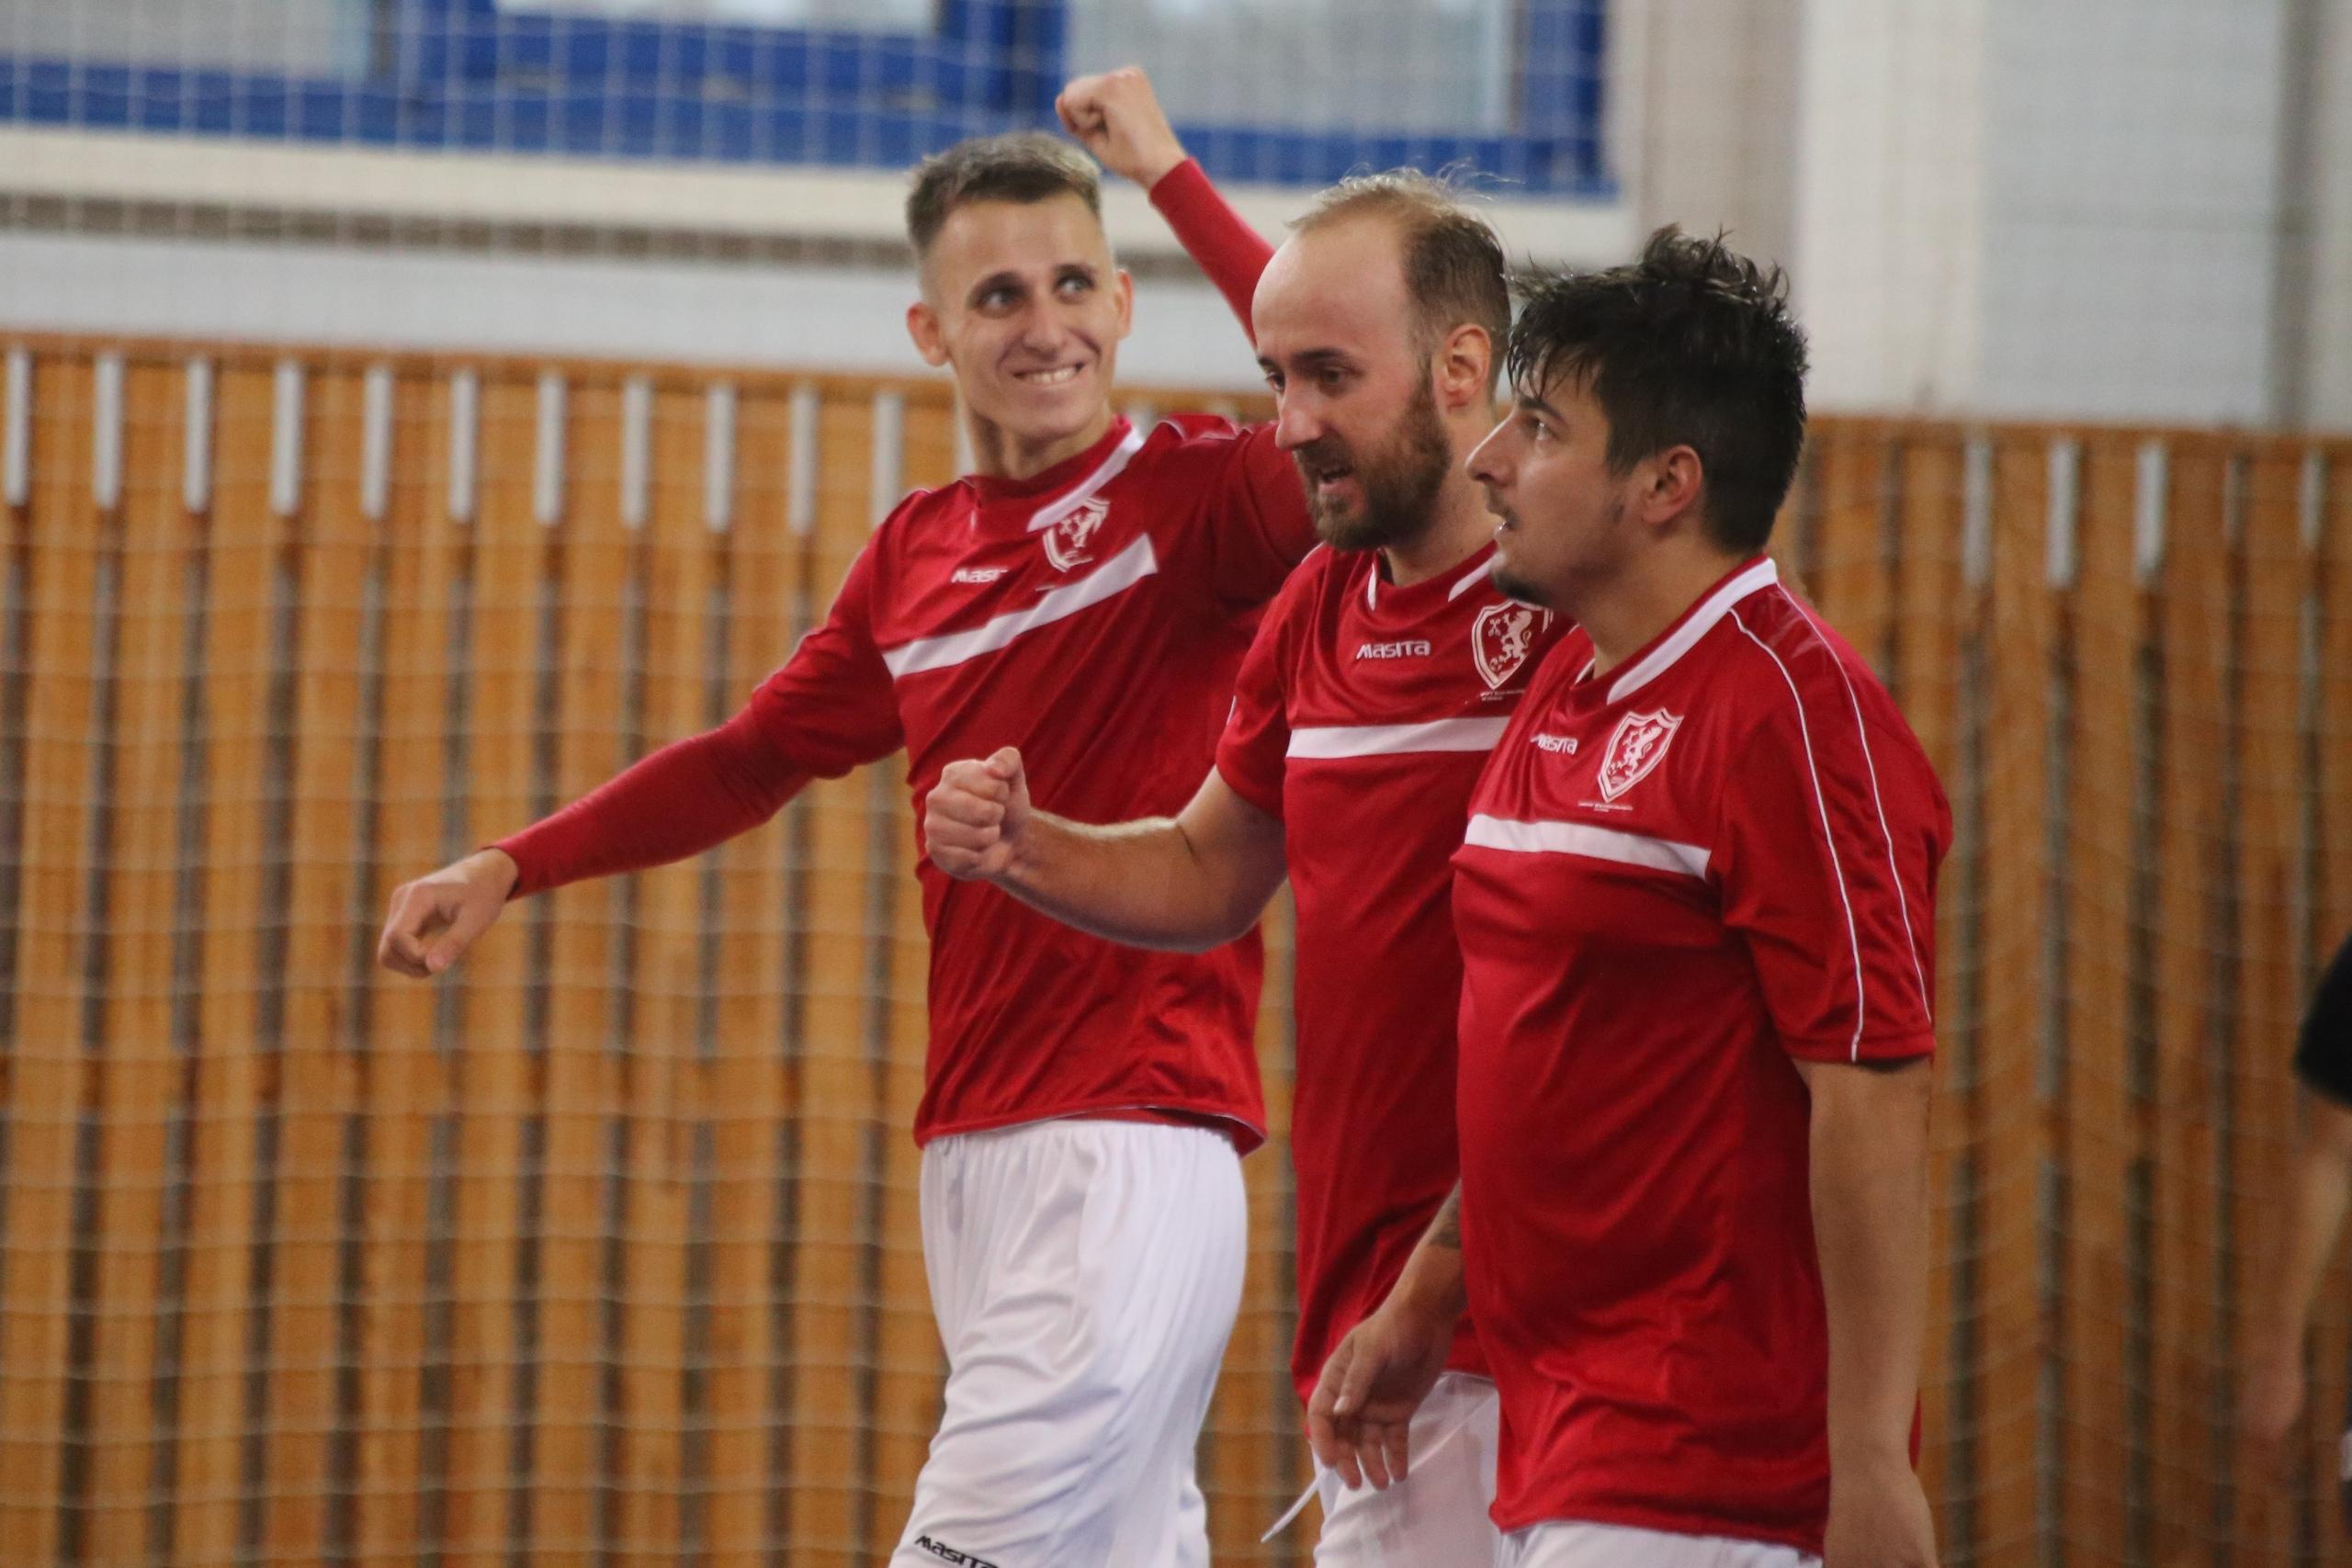 Мини-футбольный клуб «Лида» после занимает 5-е место в турнирной таблице чемпионата страны.